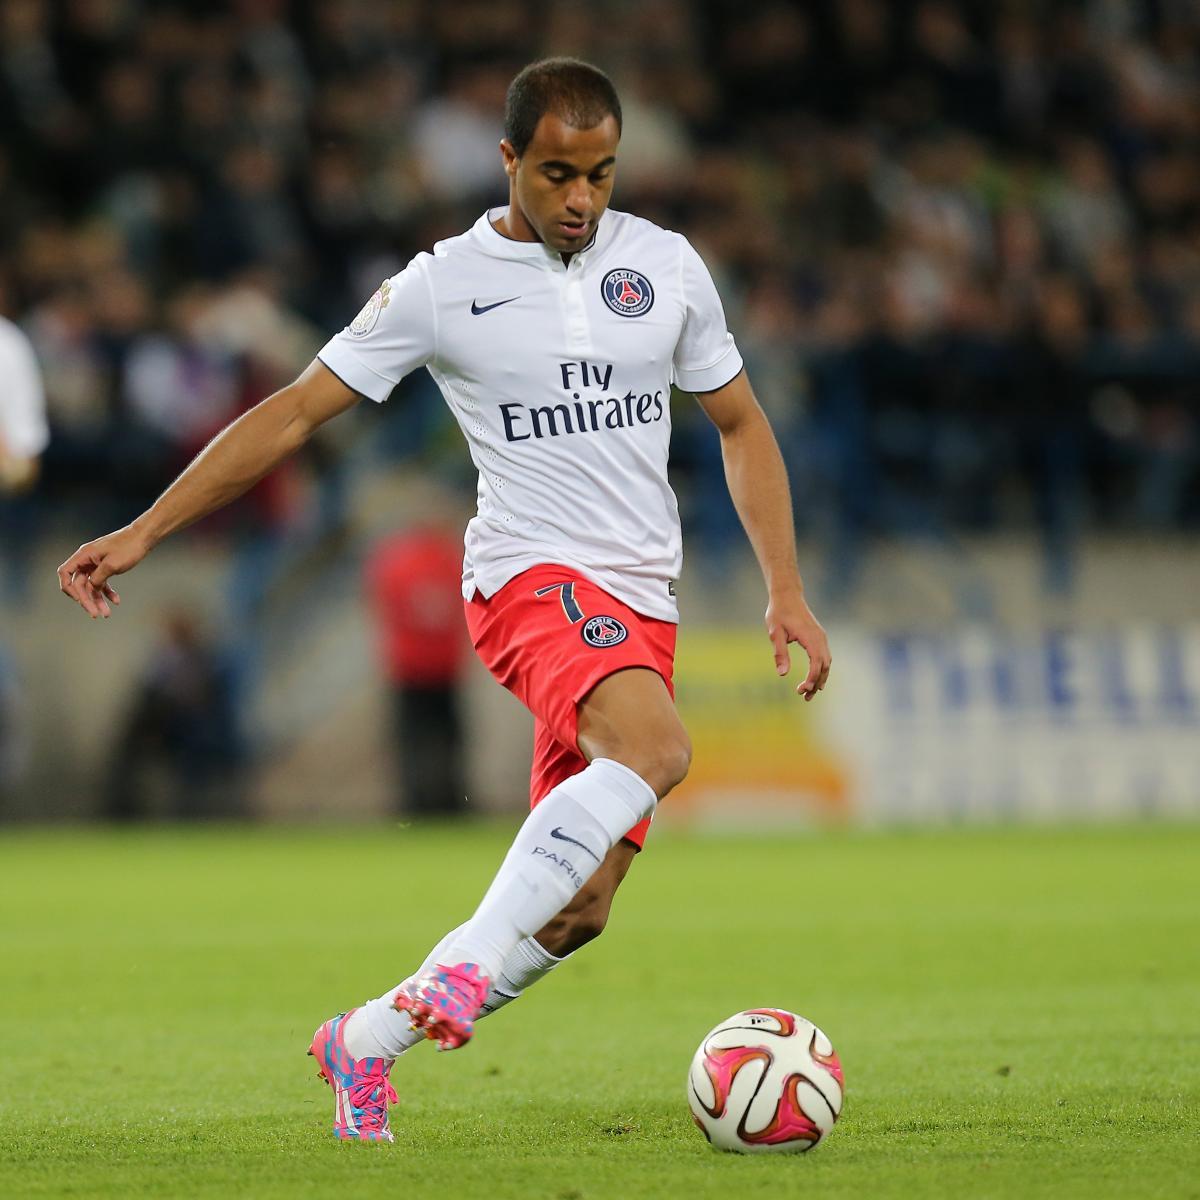 Lucas Moura Transfer News Now: Liverpool Transfer News: Latest Lucas Moura, Christian